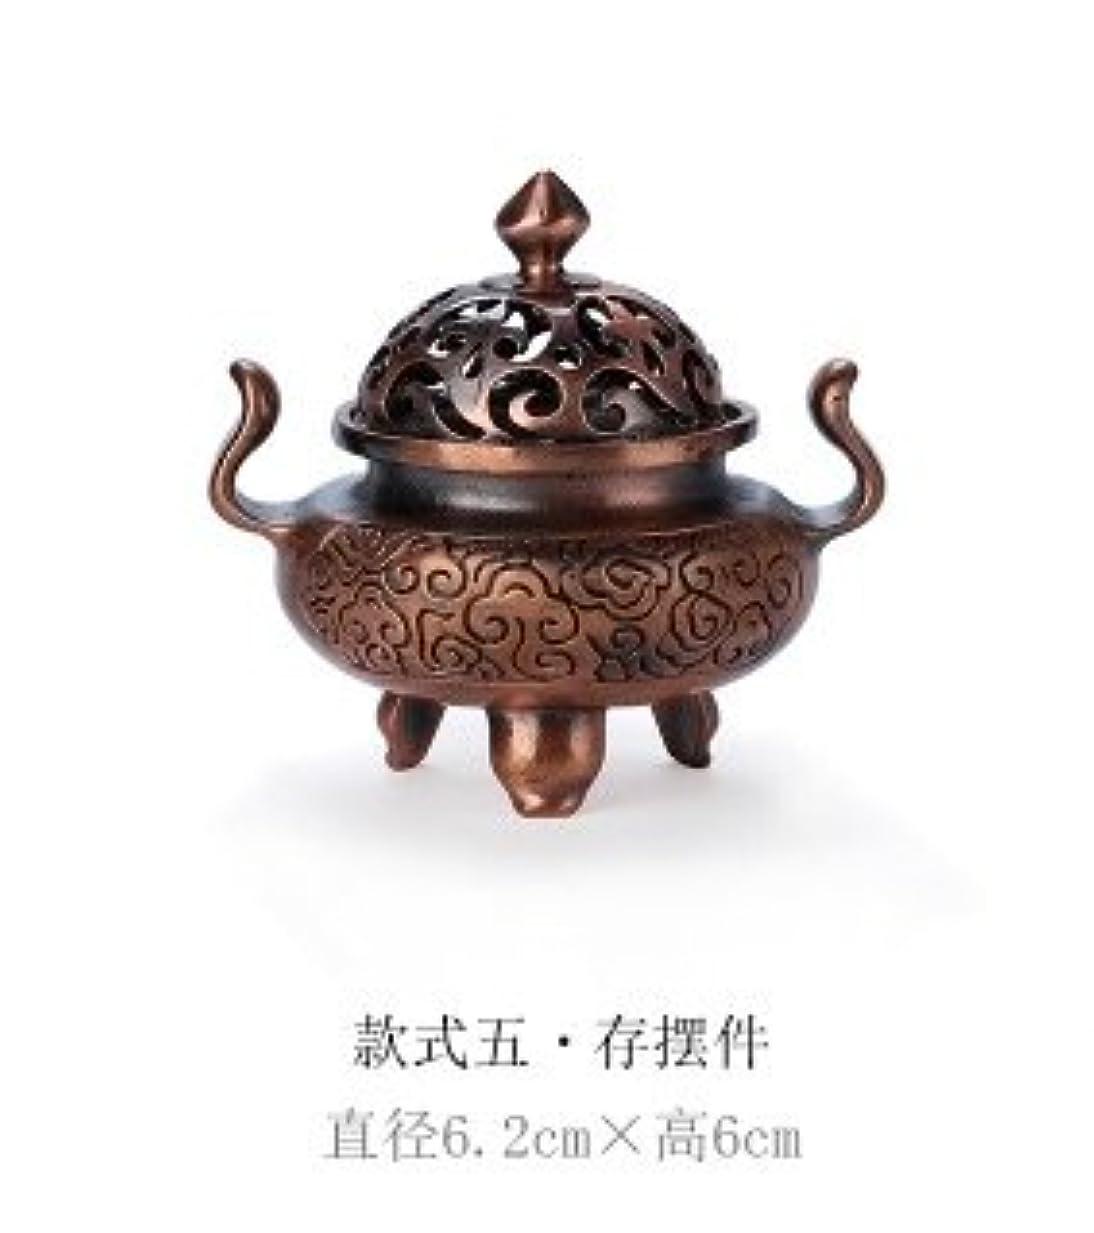 生物学ガラガラ書き出す金属镂空檀香香炉 功夫茶具 アクセサリー茶装飾 线香香炉 (銅色)